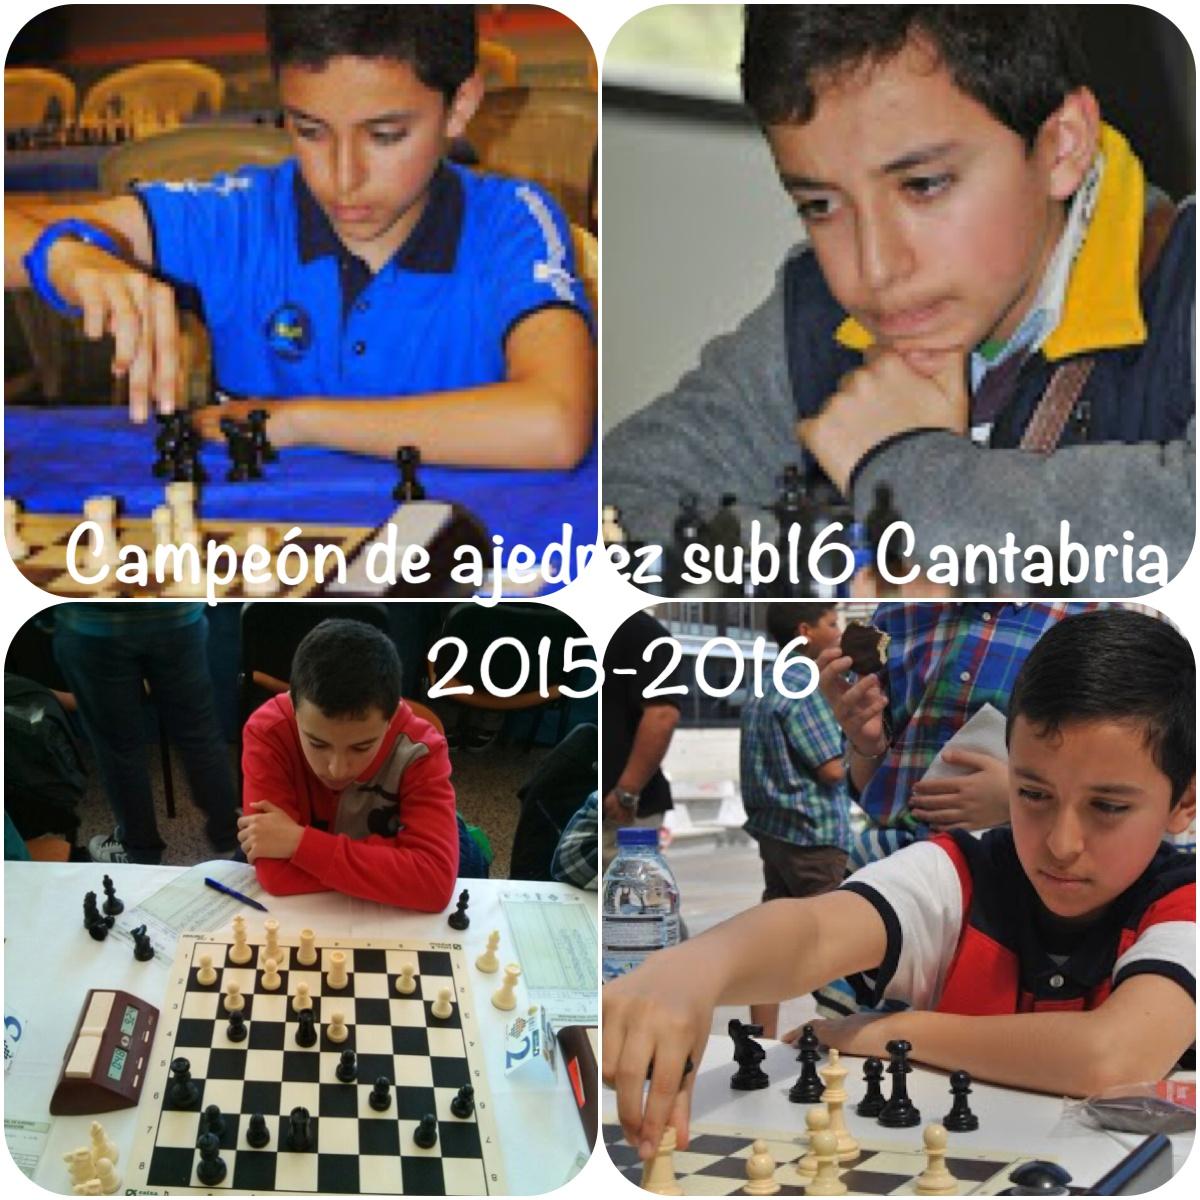 ¡Nos apasiona el ajedrez!